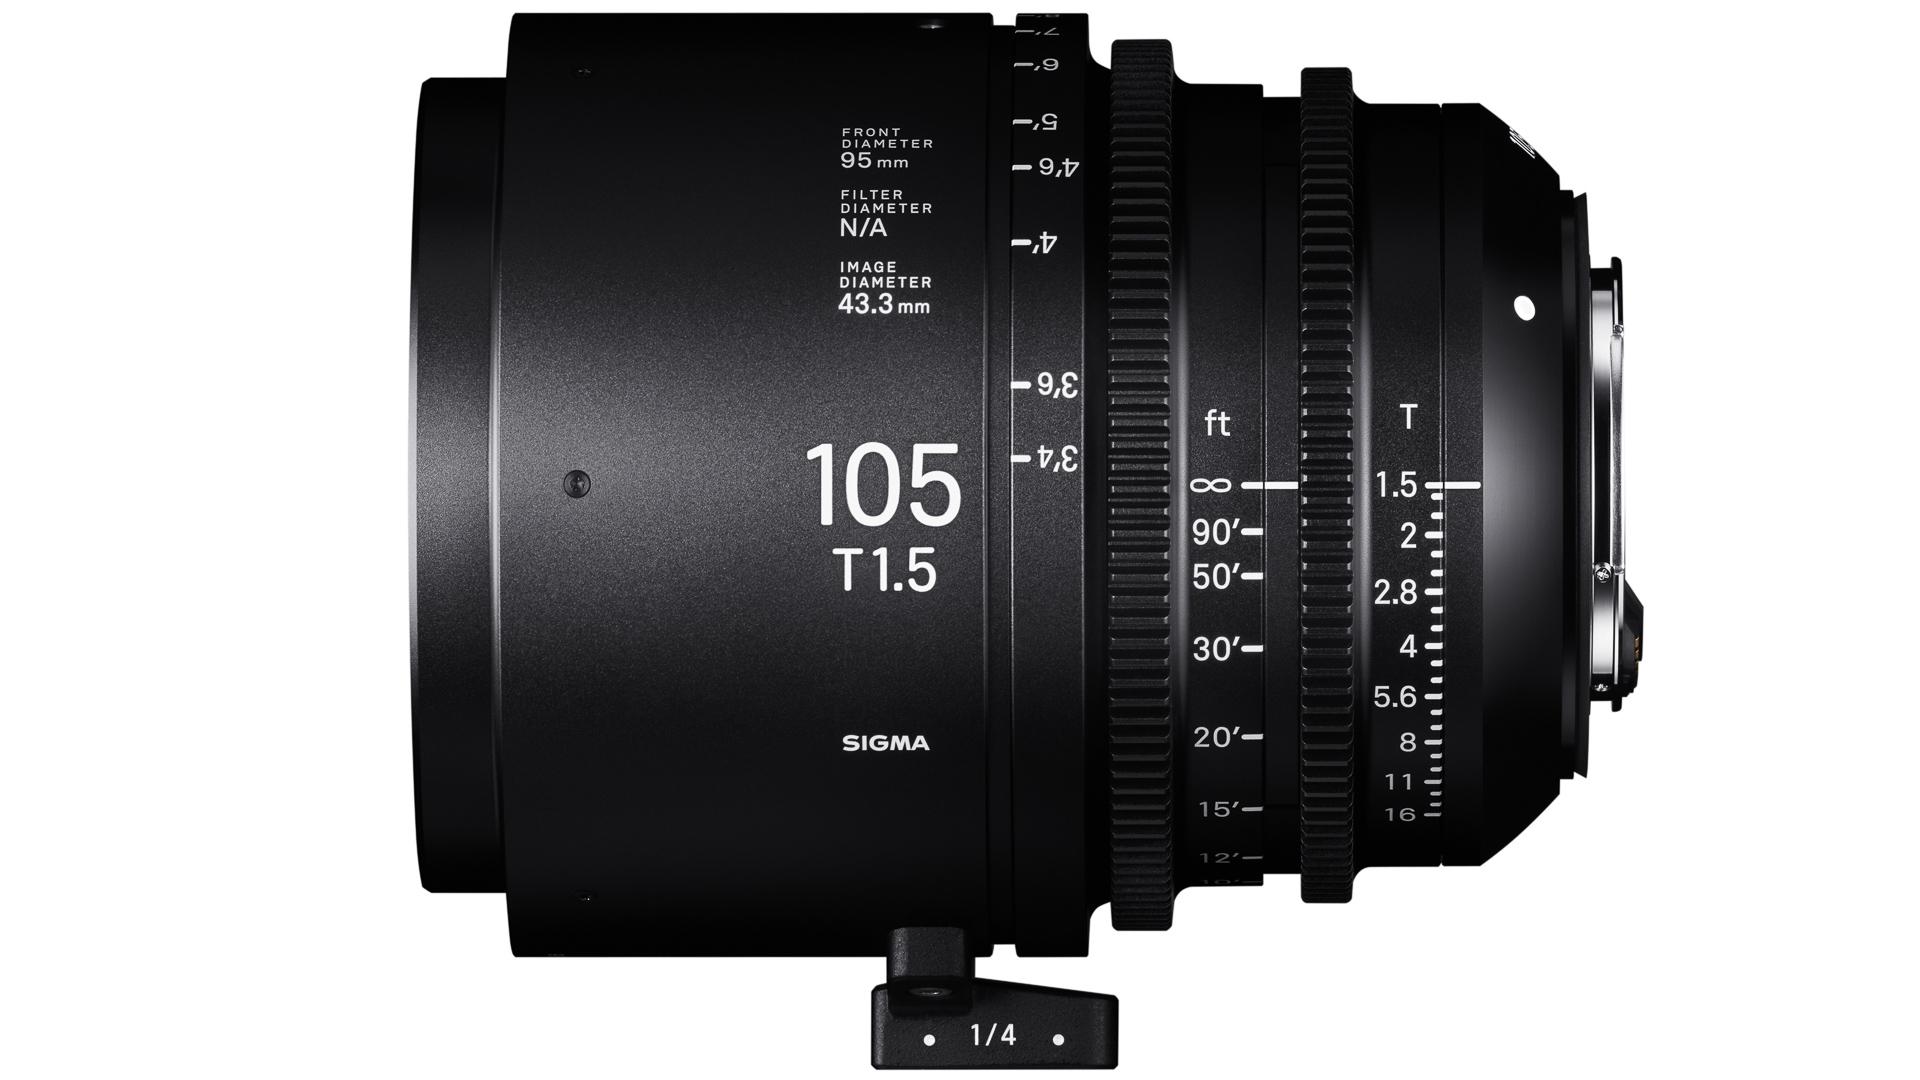 シグマが28mm, 40mm、105mmシネレンズを発表